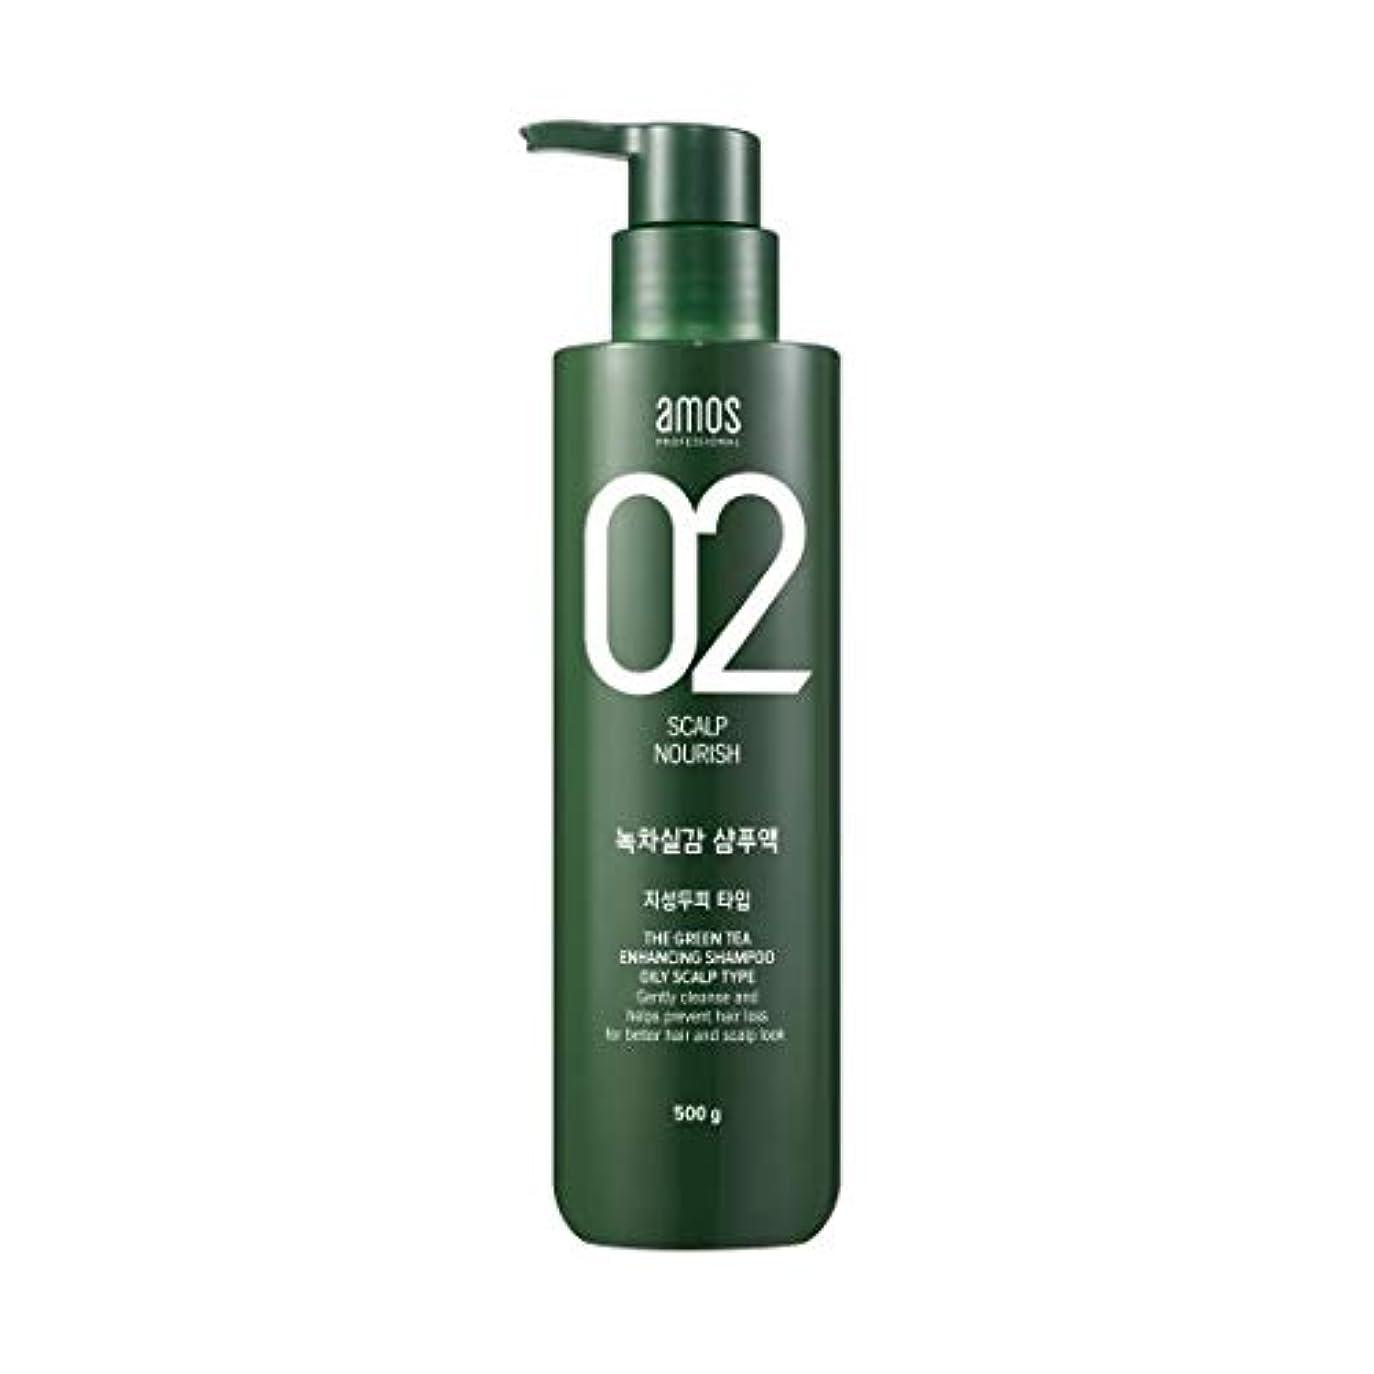 定期的な不良品呼吸するAmos Green Tea Enhancing Shampoo -Oily 500g / アモス ザ グリーンティー エンハンシング シャンプー # 脂性 オイリー スカルプタイプ [並行輸入品]